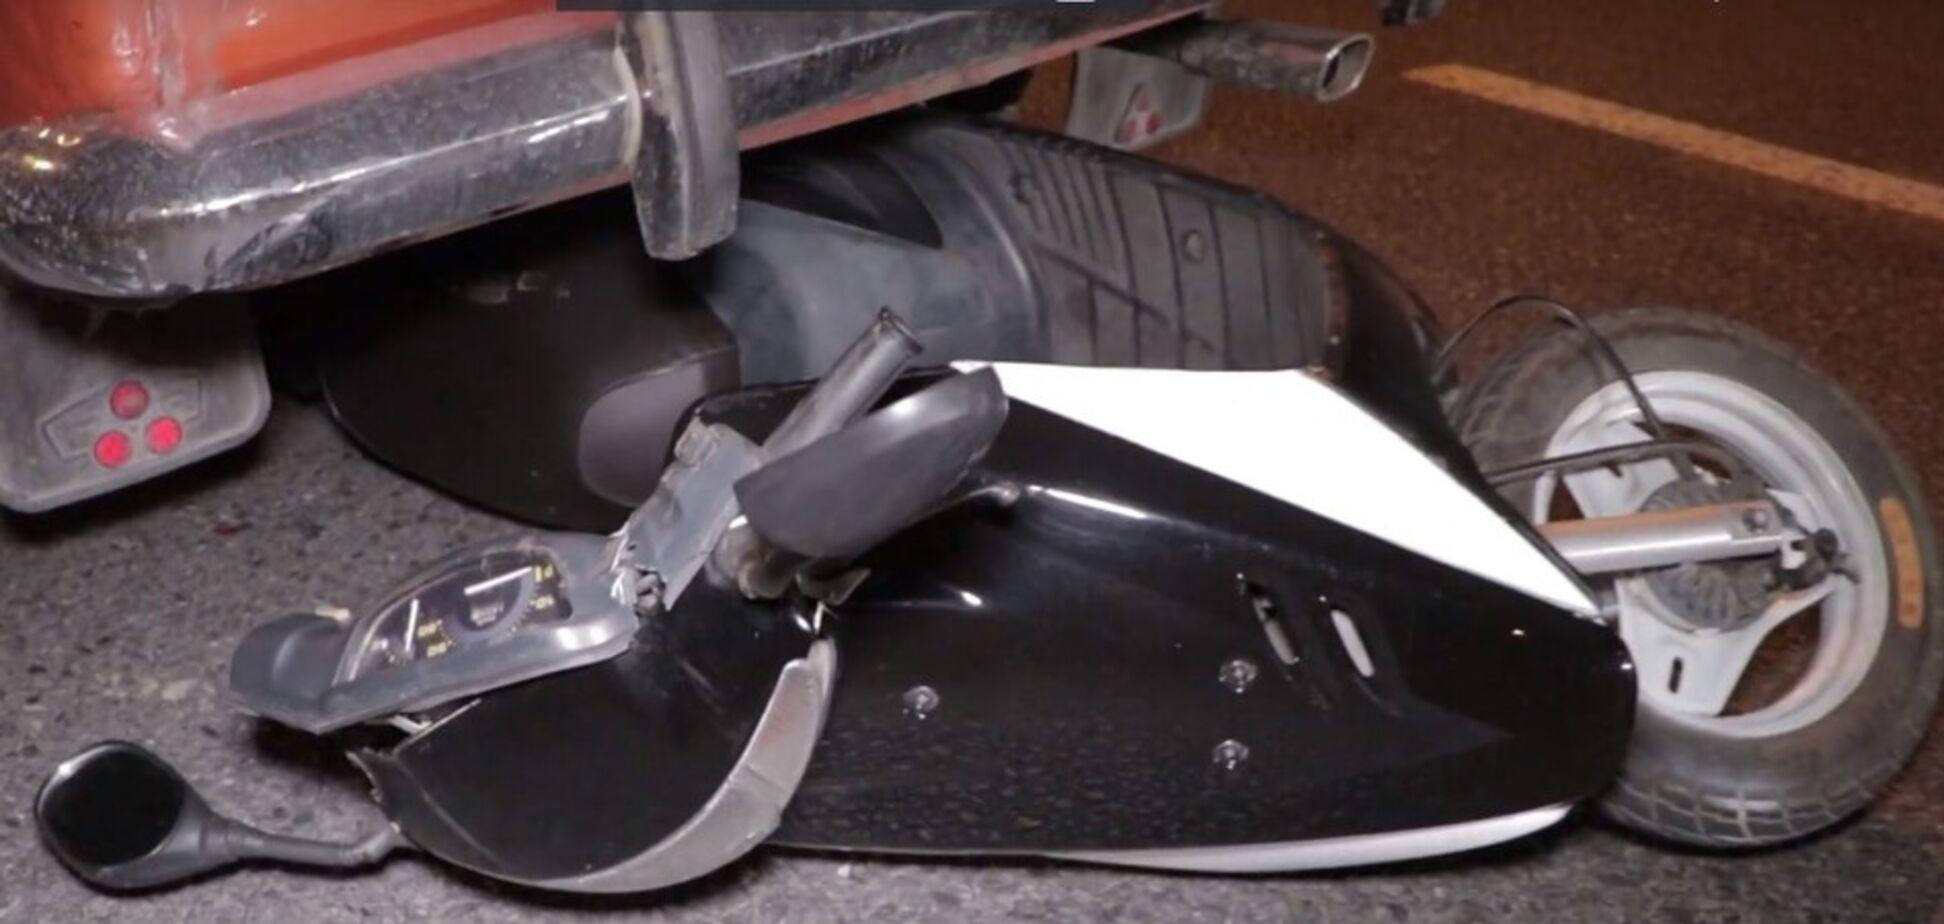 Втратив зуби: в Дніпрі мопедист потрапив під авто. Відео